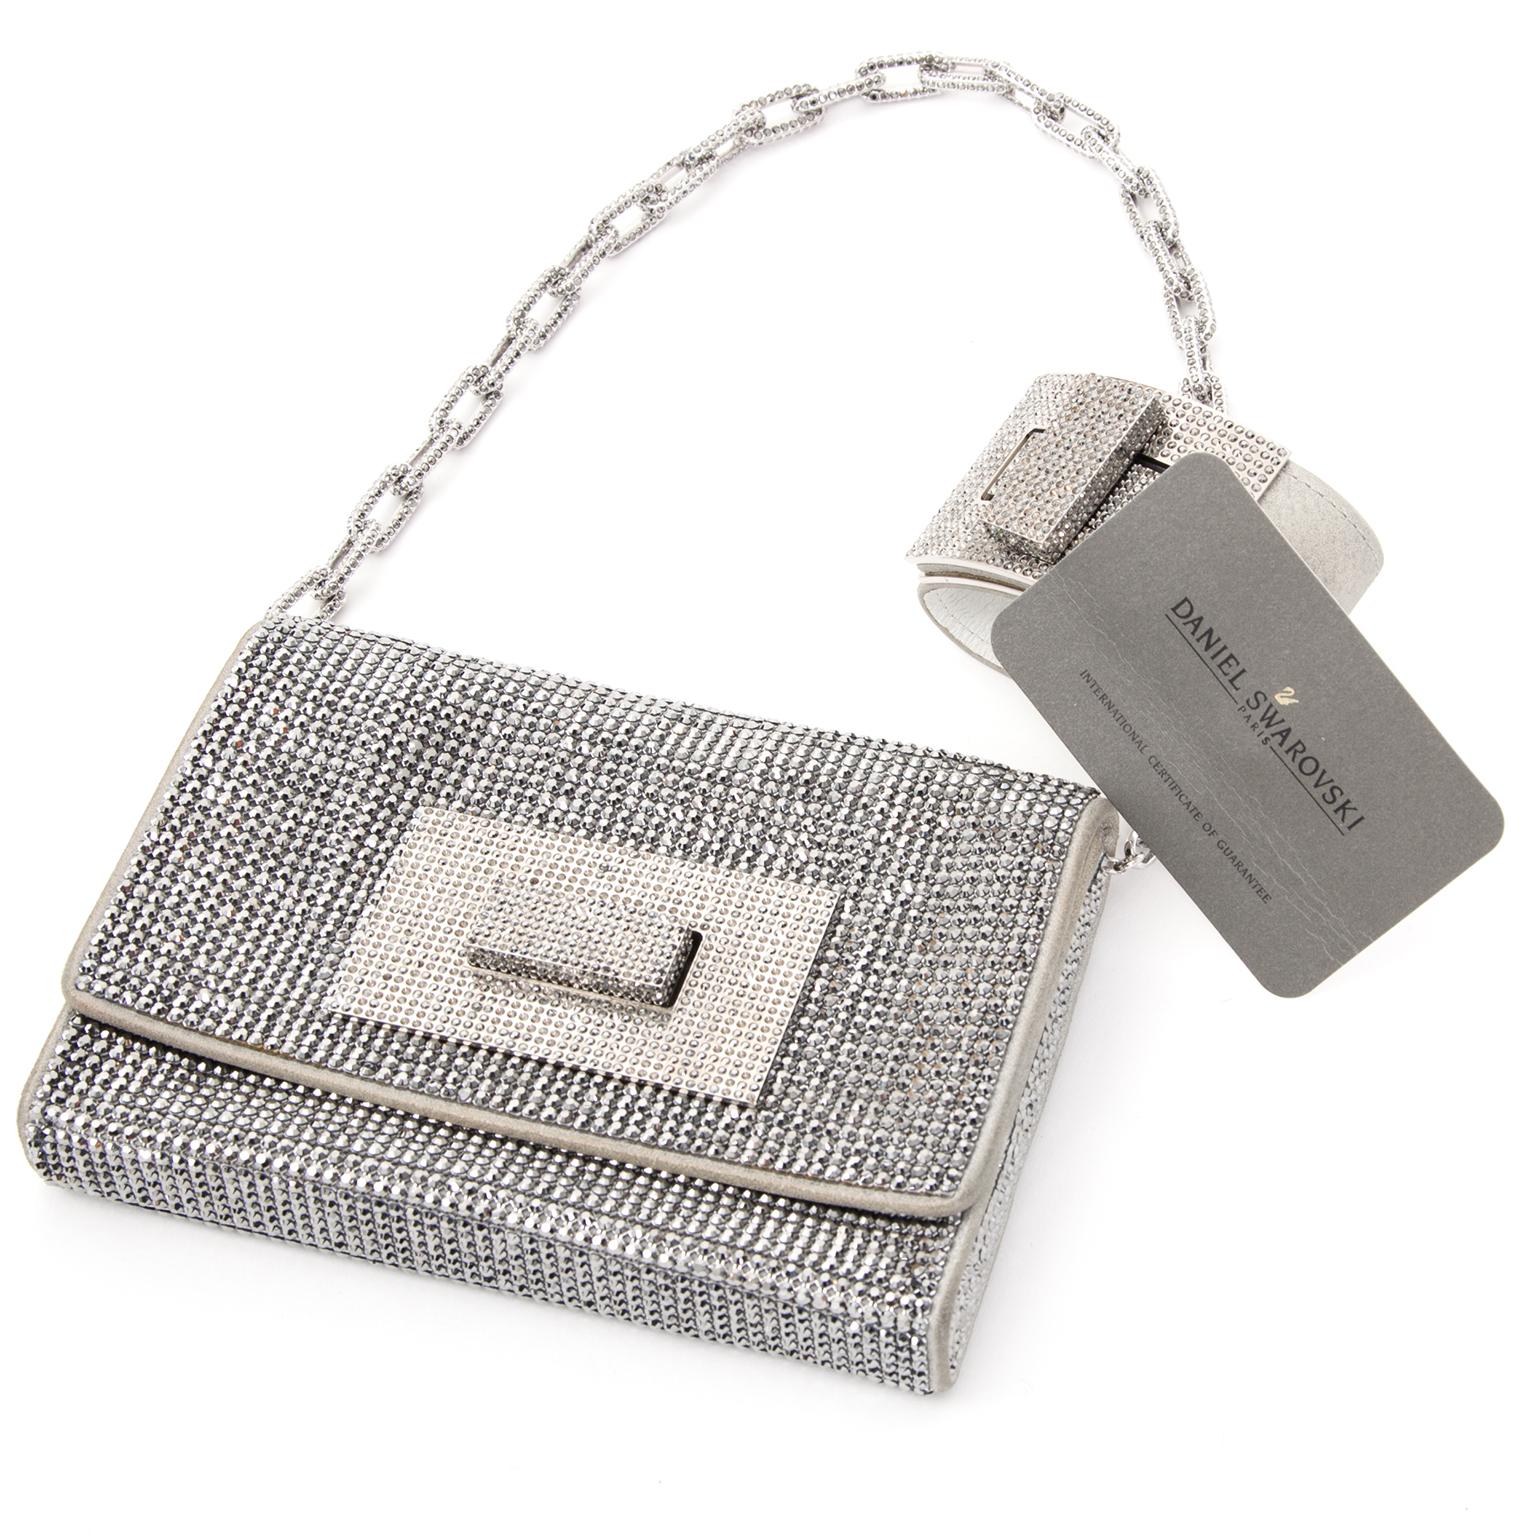 Swarovski evening bag / clutch buy safe online second hand designer Swarovski evening bag / clutch